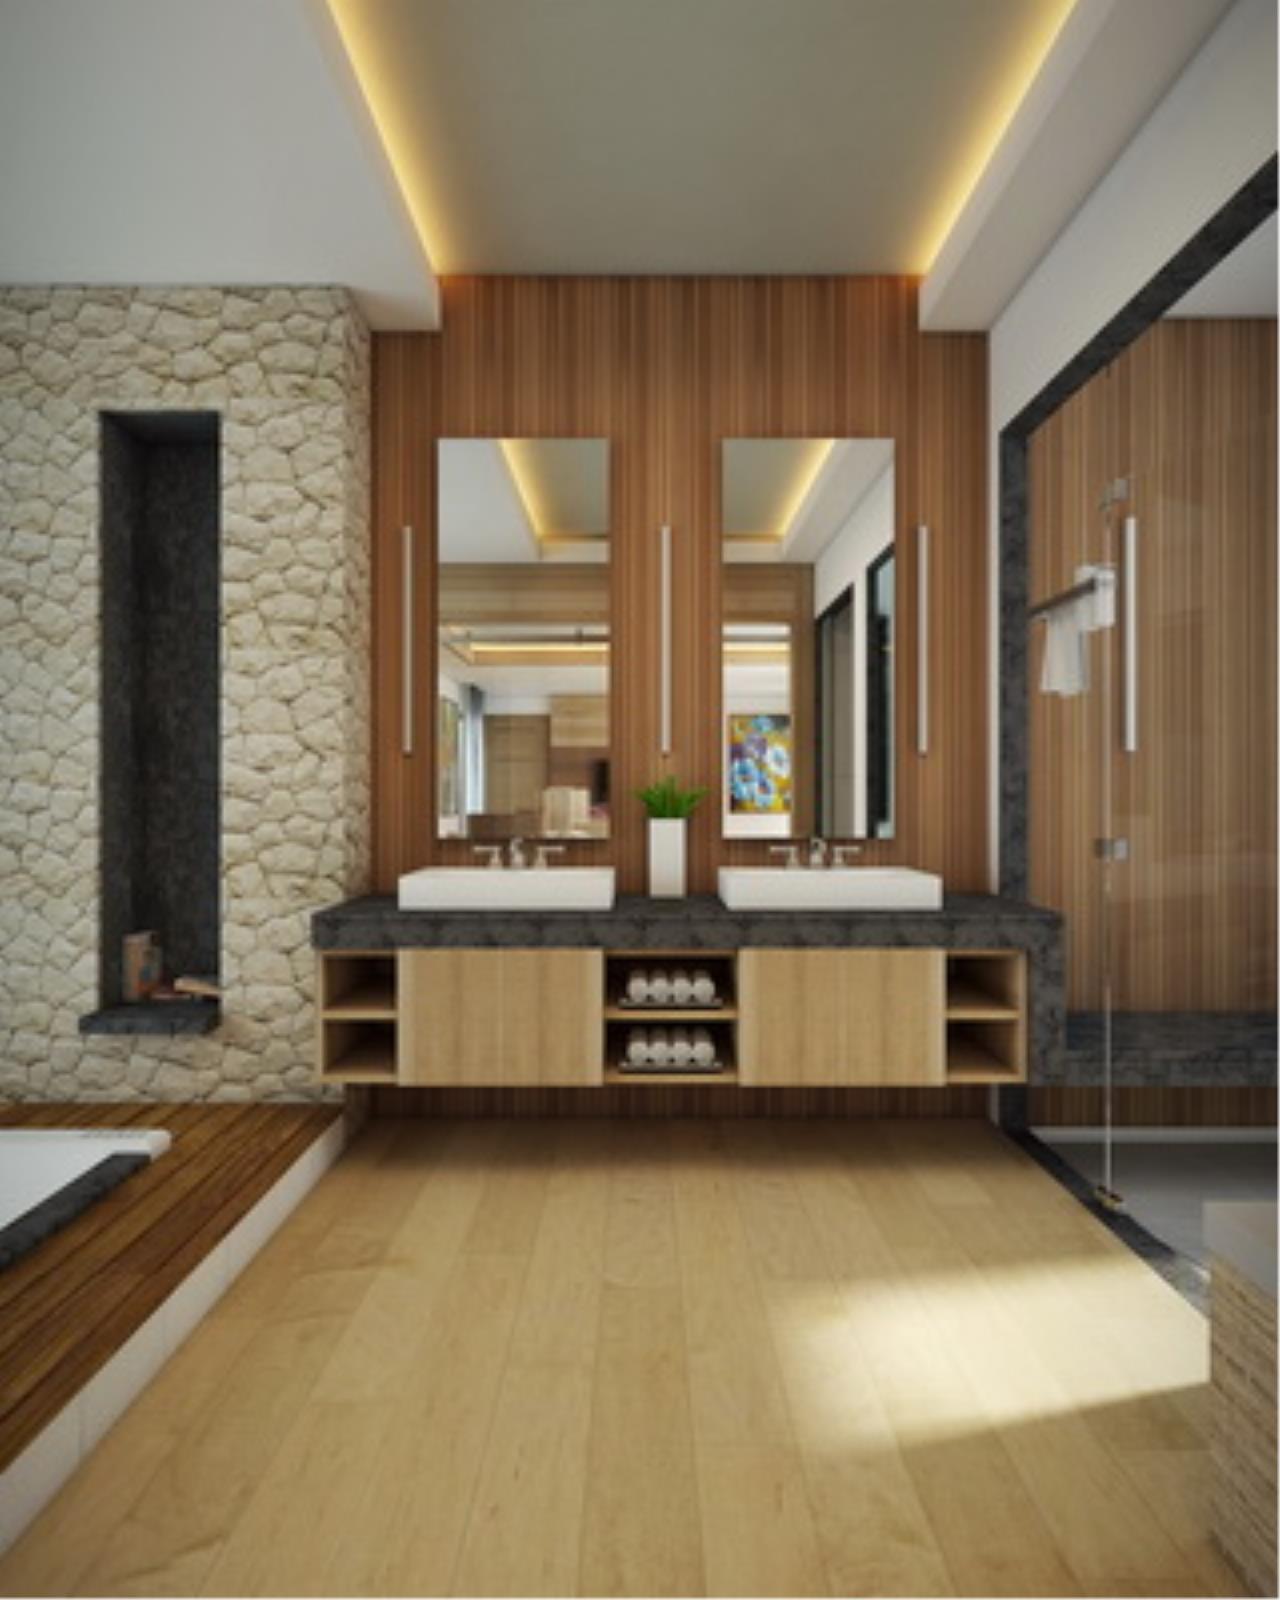 REAL Phuket  Agency's Botanica Villas (Phase III) - Contemporary 3-Bedroom Pool Villa at Layan Beach 20